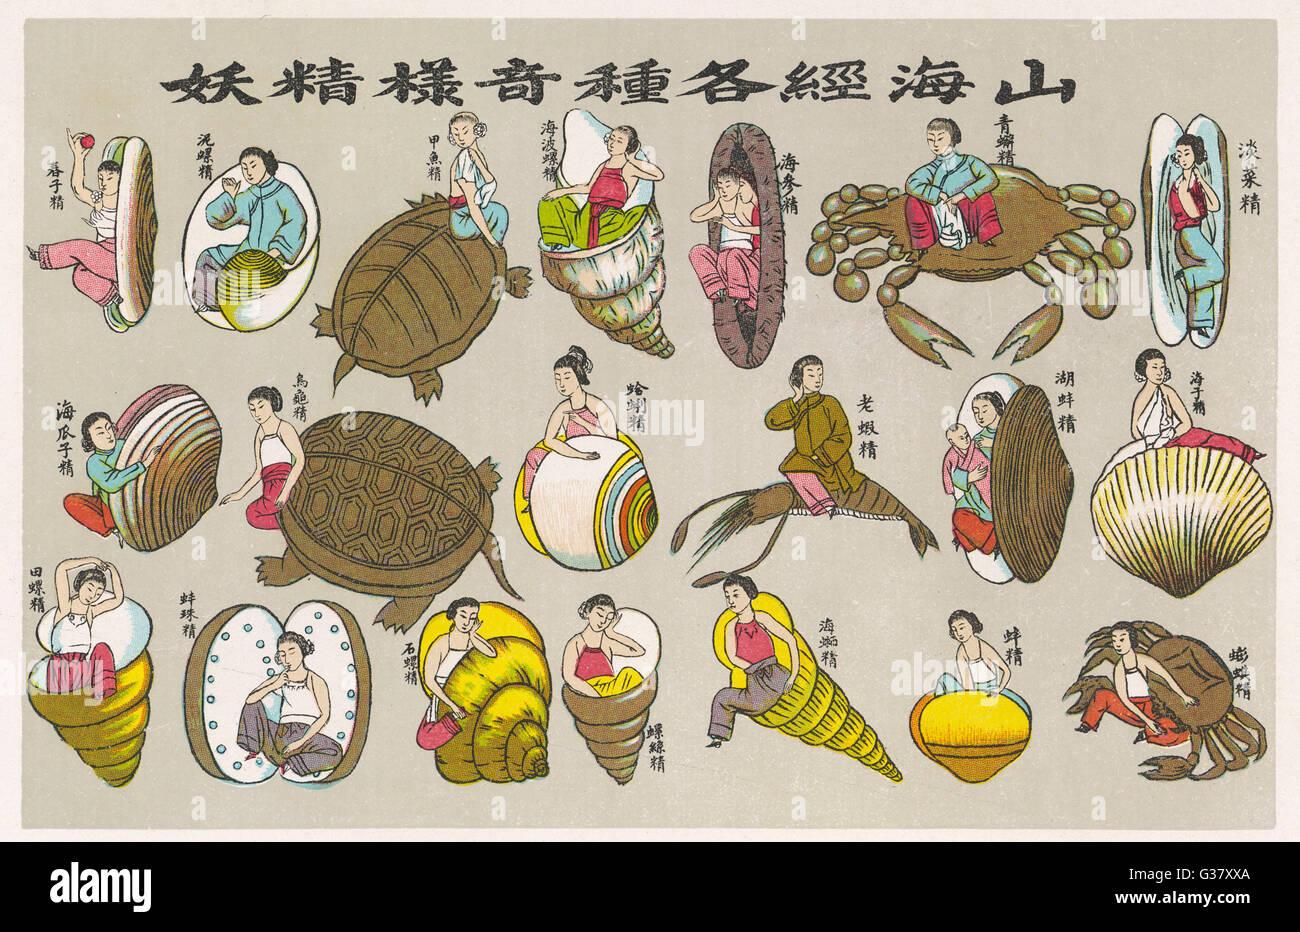 Le concept bouddhiste du cycle de re-naissance: l'âme est né de nouveau comme un coquillage(3 Photo Stock